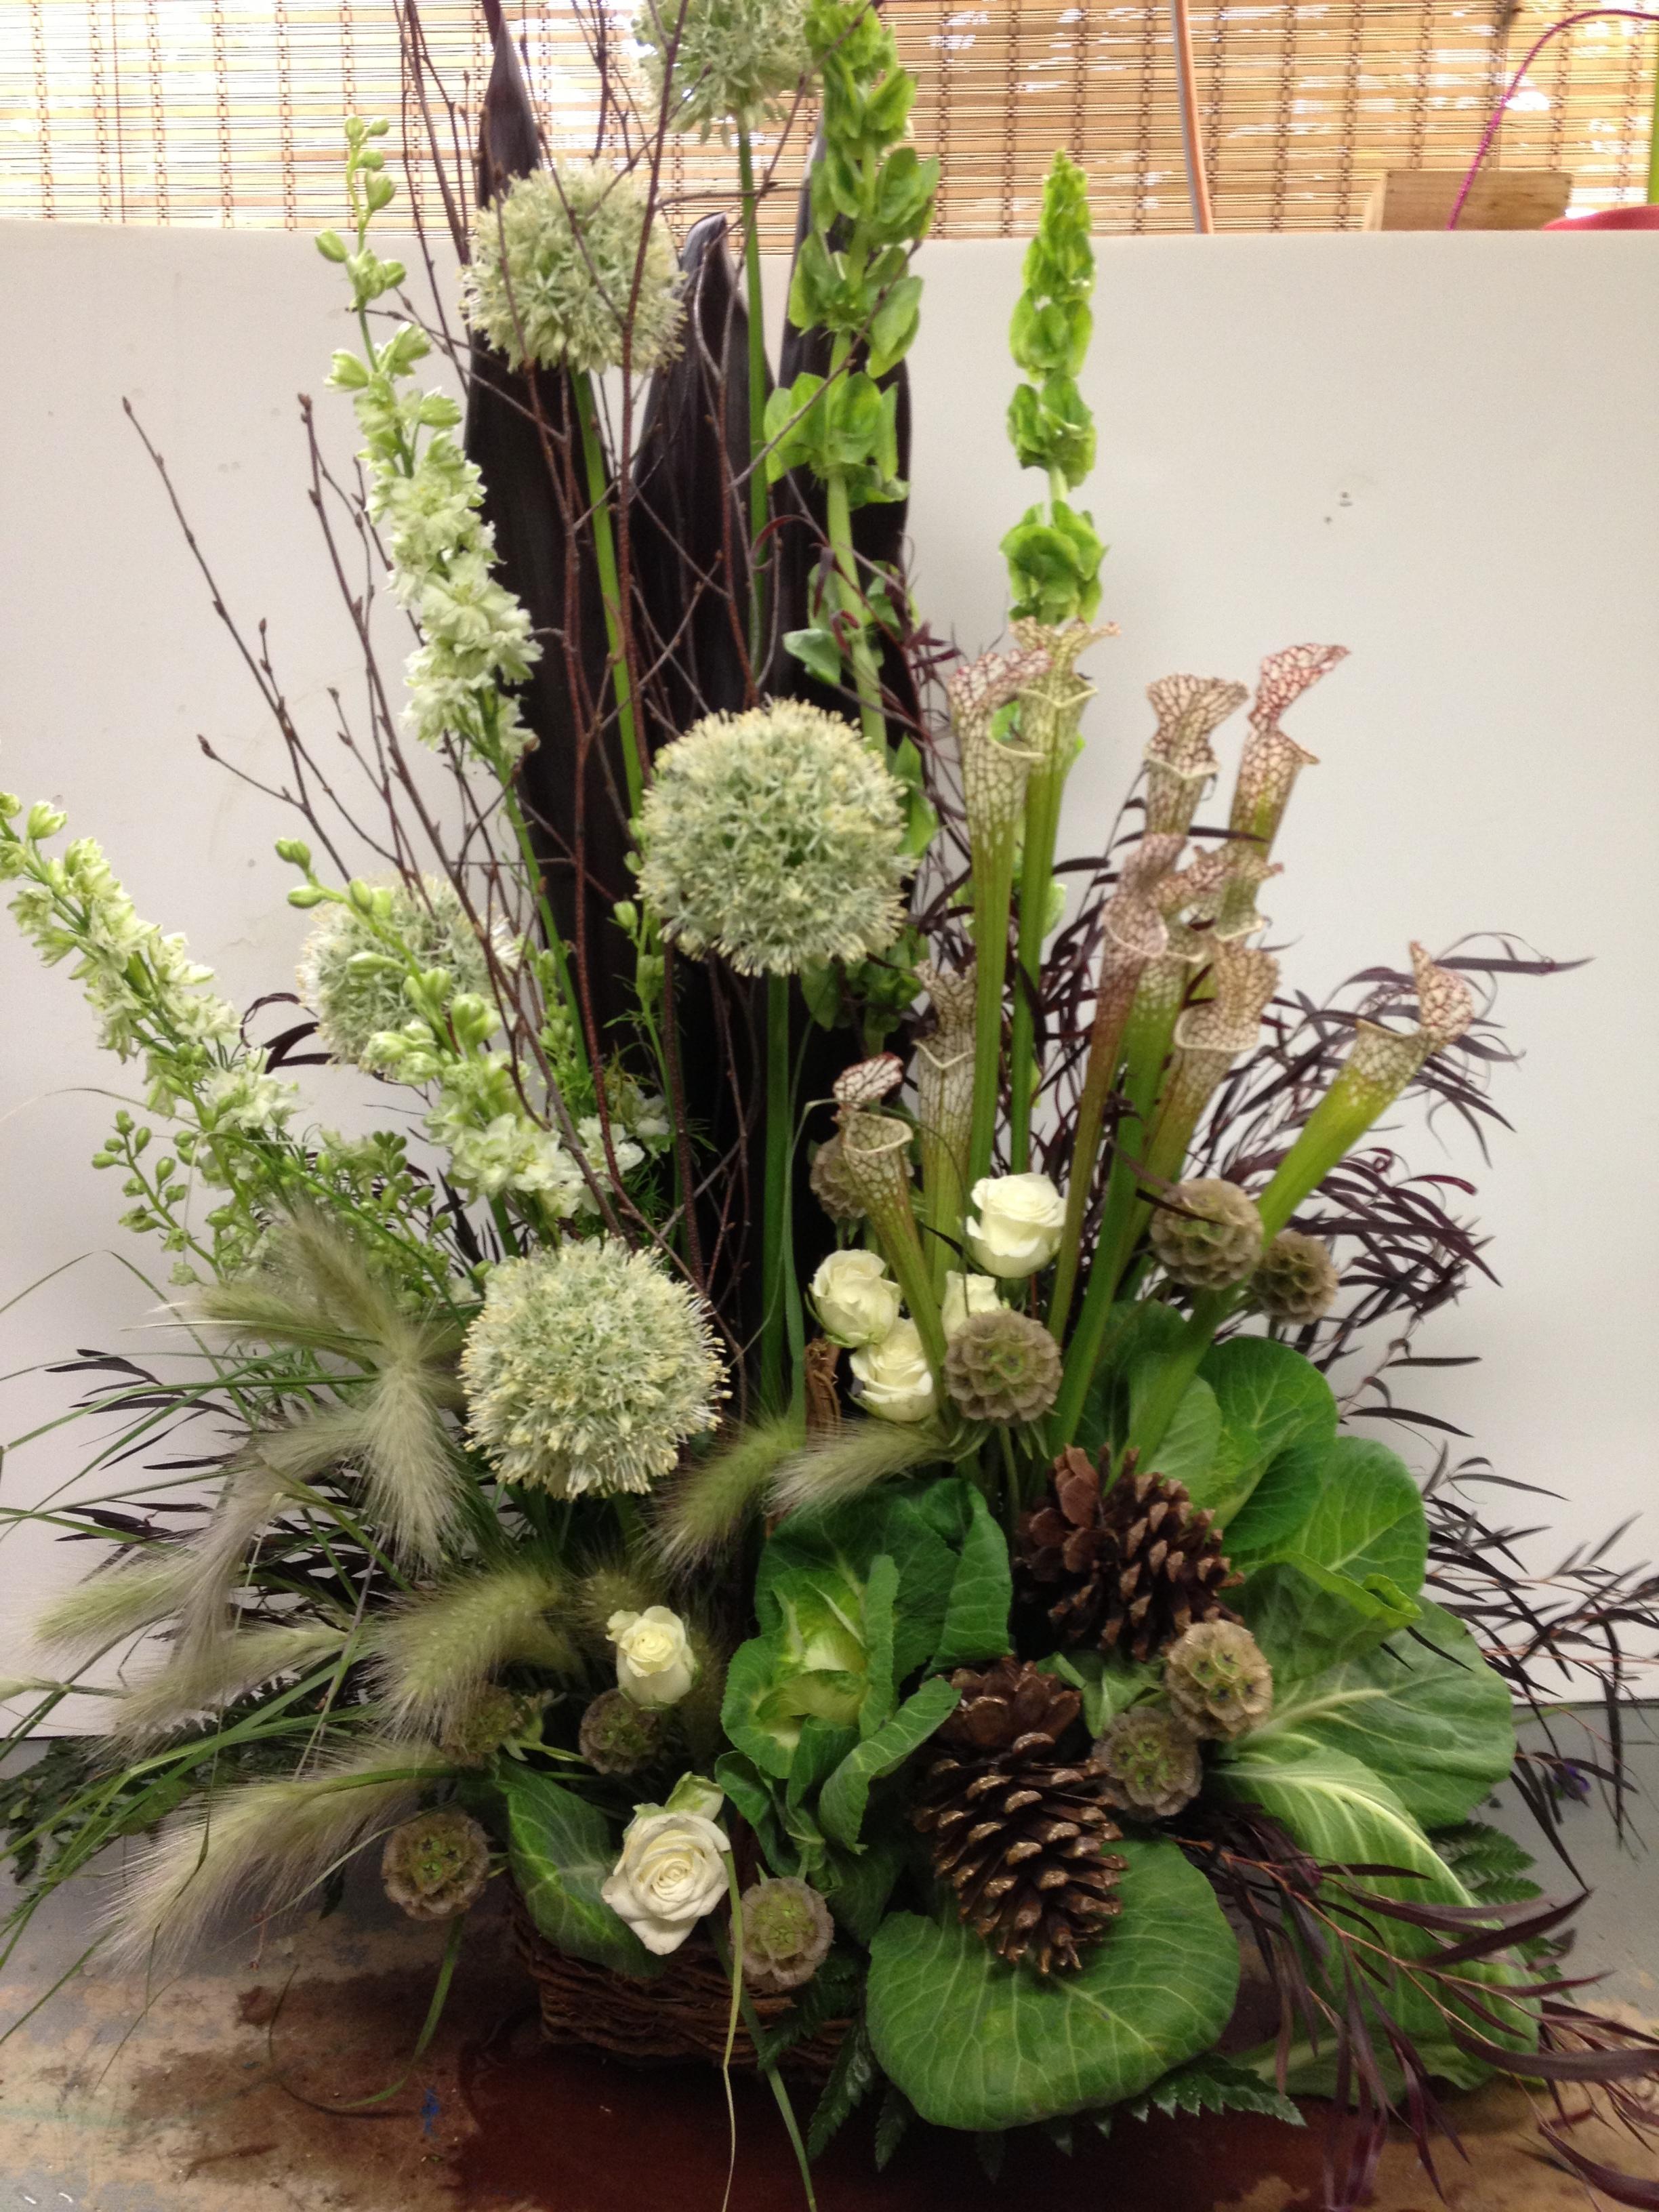 Floral Elegance image 95